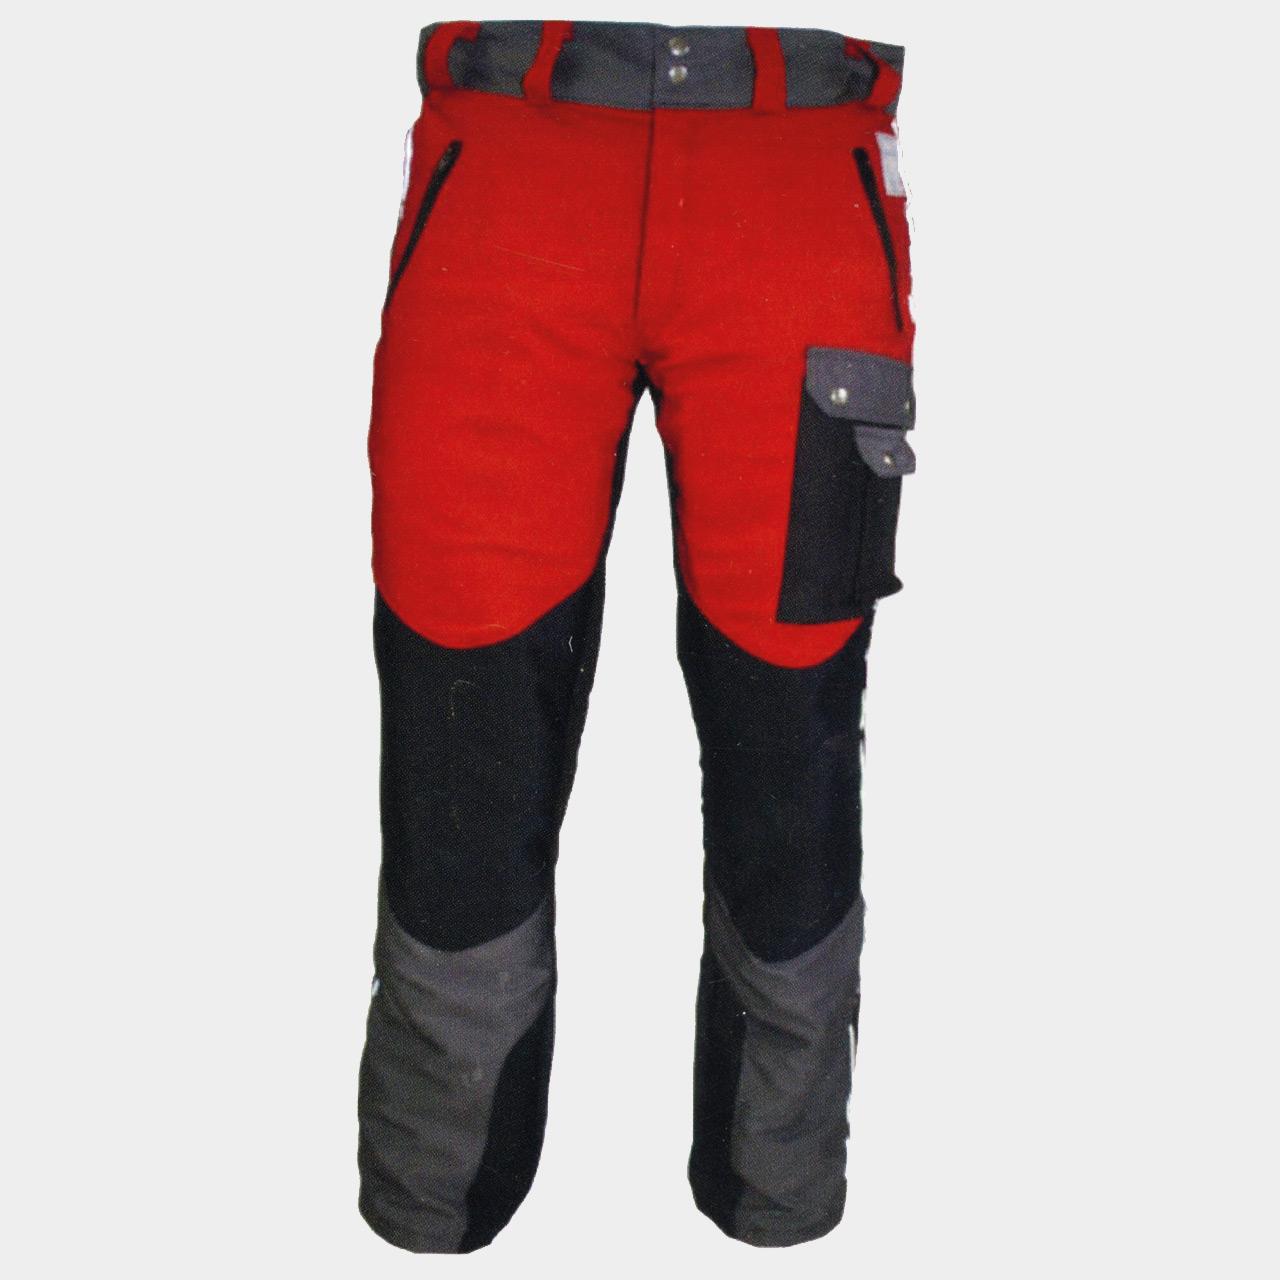 Pantaloni antitaglio Pro Tecnic